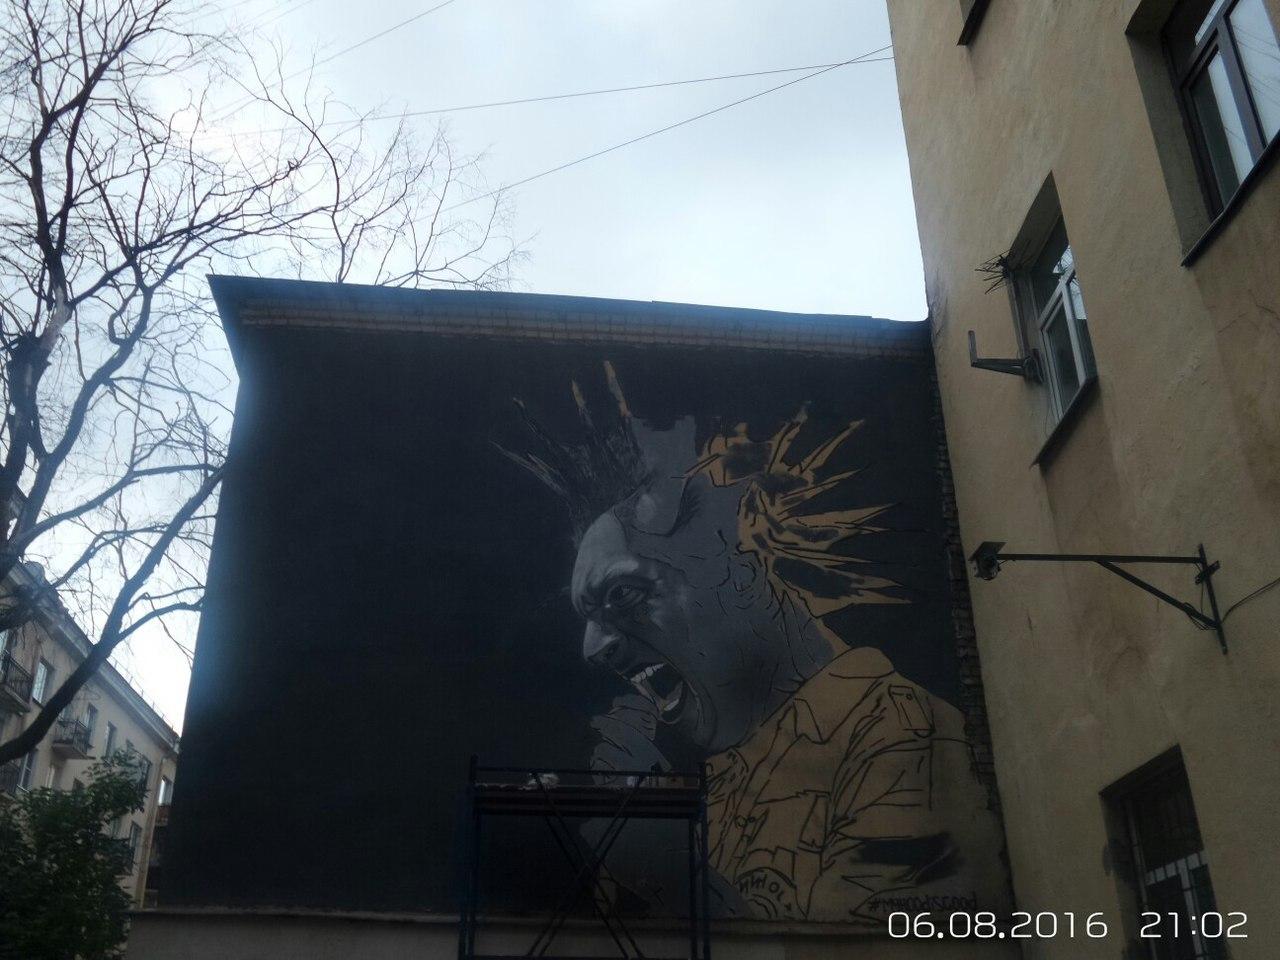 Граффити сГоршком из«КиШа» появилось наЛиговском вПетербурге